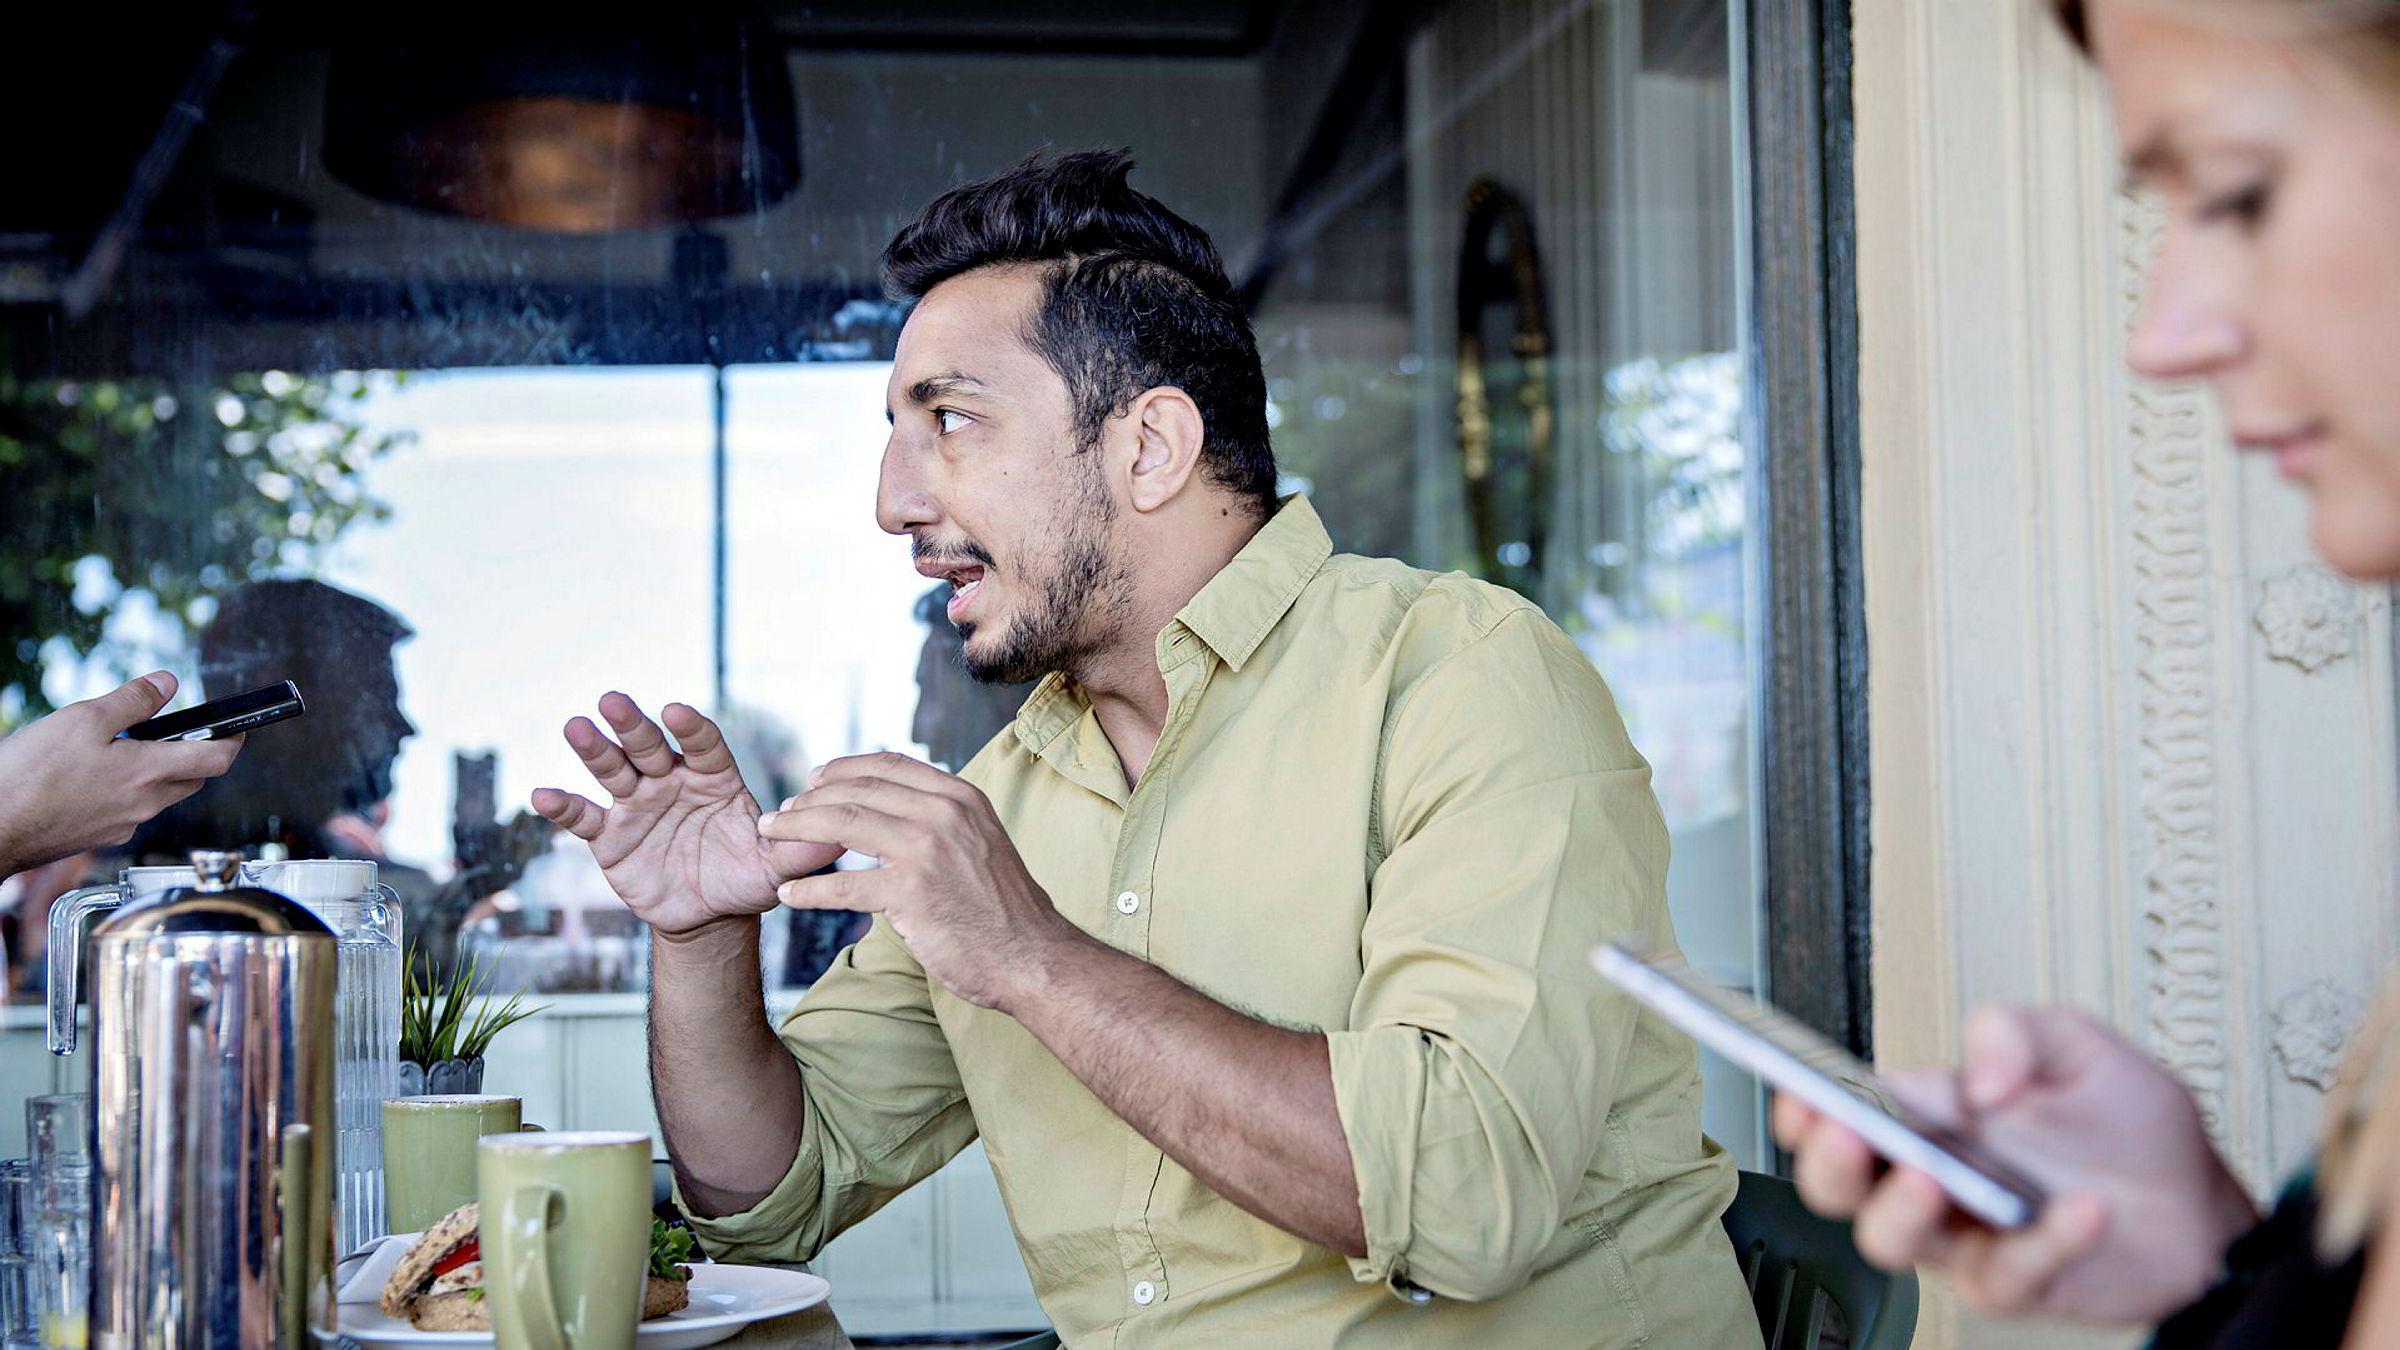 Schibsteds sosiale medier-sjef Ehsan Fadakar besøker Arendalsuka. Det gjør også kjæresten Bodil Sidén (til høyre), som er kommunikasjonsansvarlig for Uber i Skandinavia.